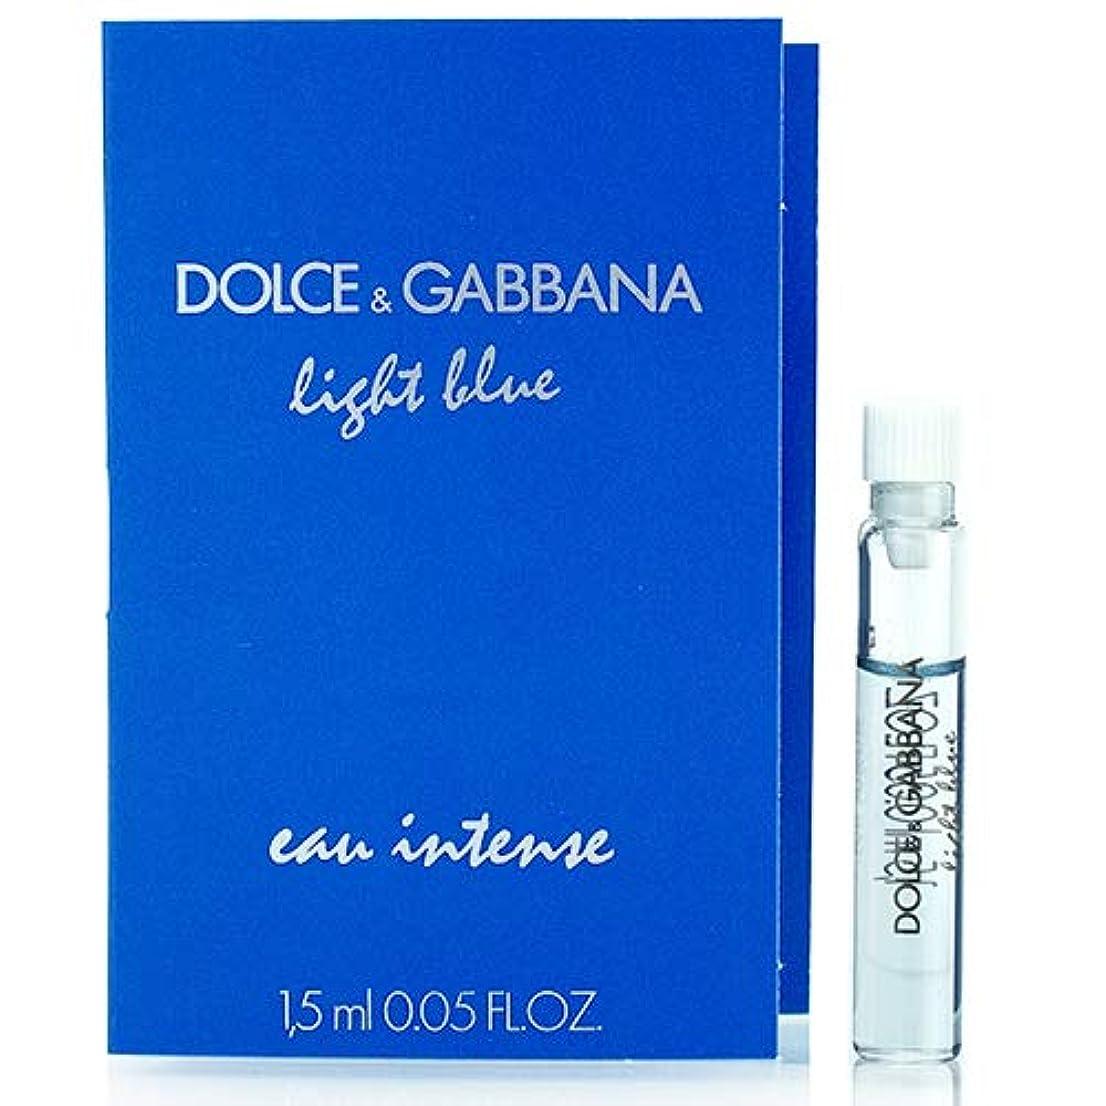 から不健全ご飯ドルチェ&ガッバーナ D&G ライトブルー オーインテンス オードパルファム EDP スプレー 1.5ml ミニ香水 サンプル 香水 DOLCE GABBANA [並行輸入品]